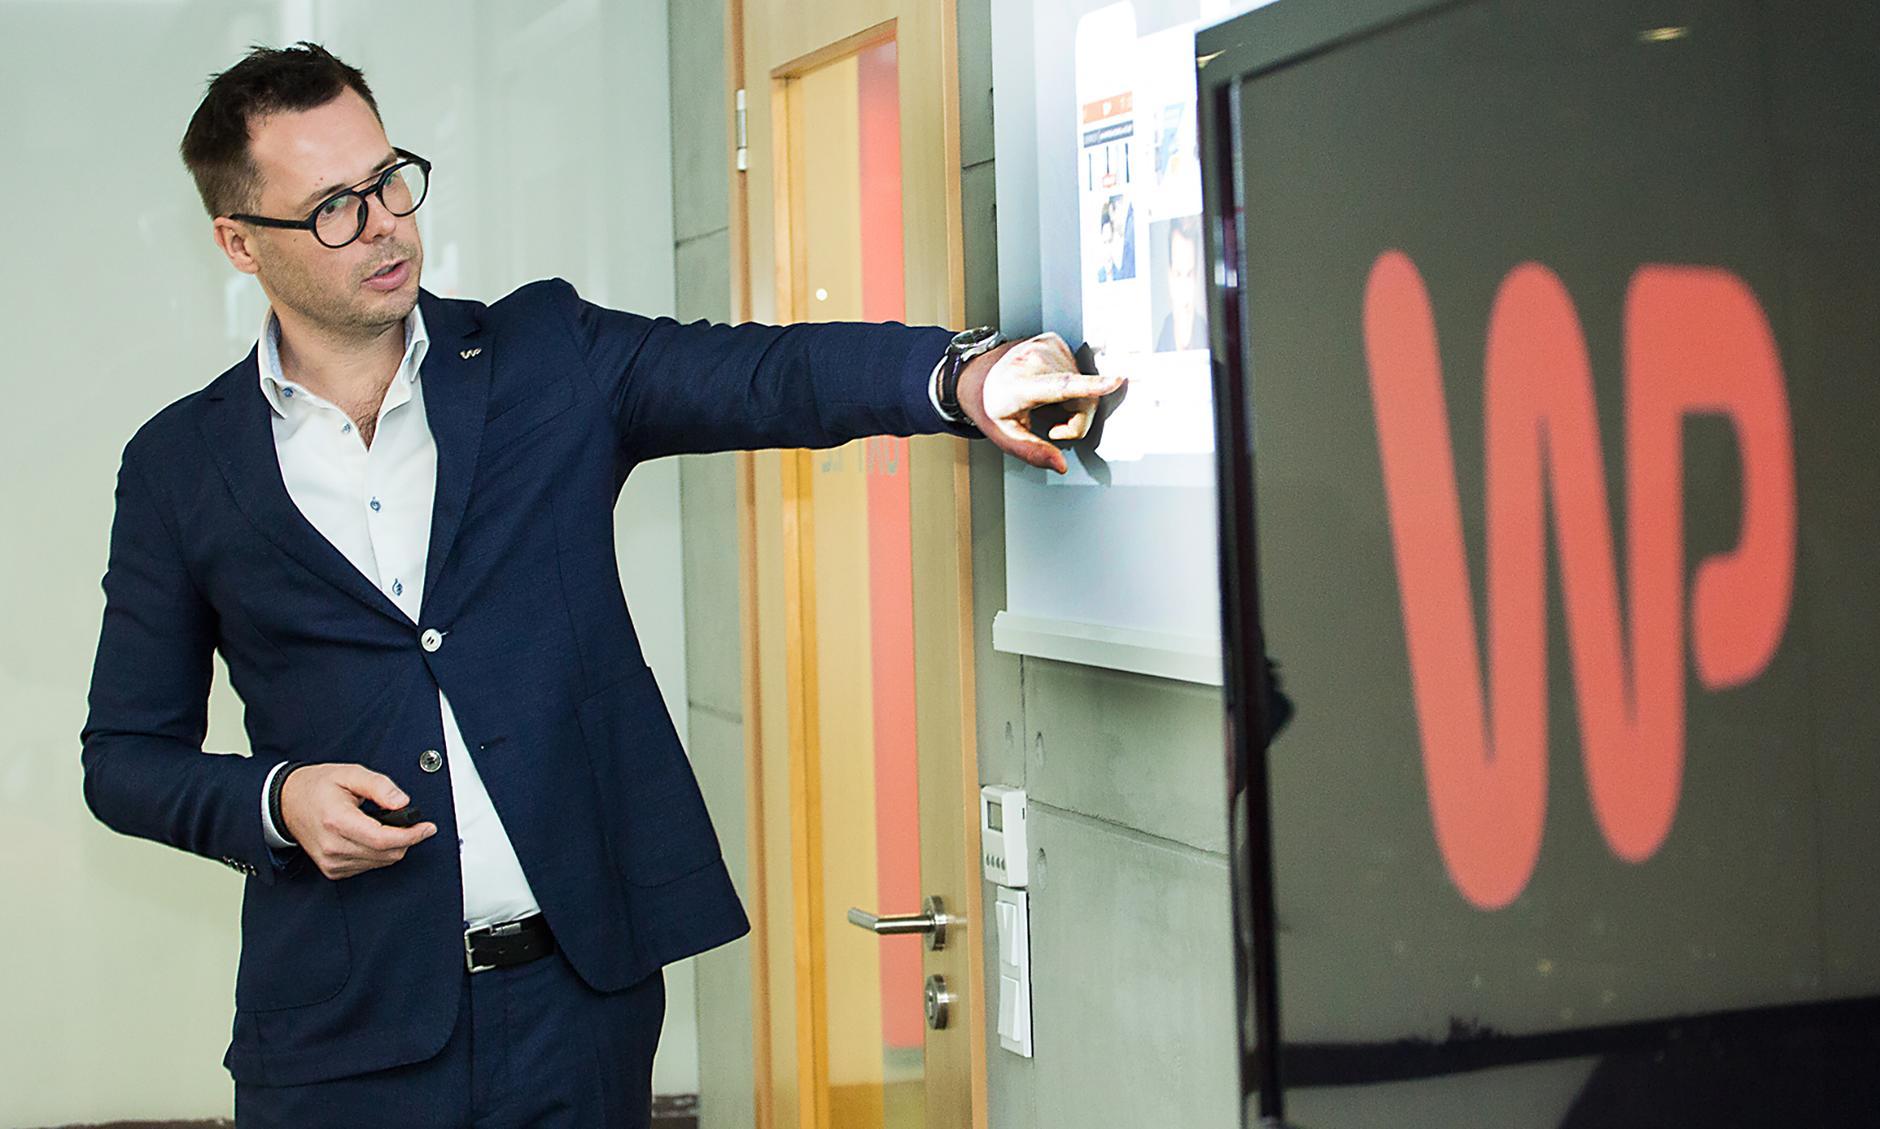 Wirtualna Polska poprawia wyniki operacyjne. Podatki nie pozwoliły na wyższe zyski